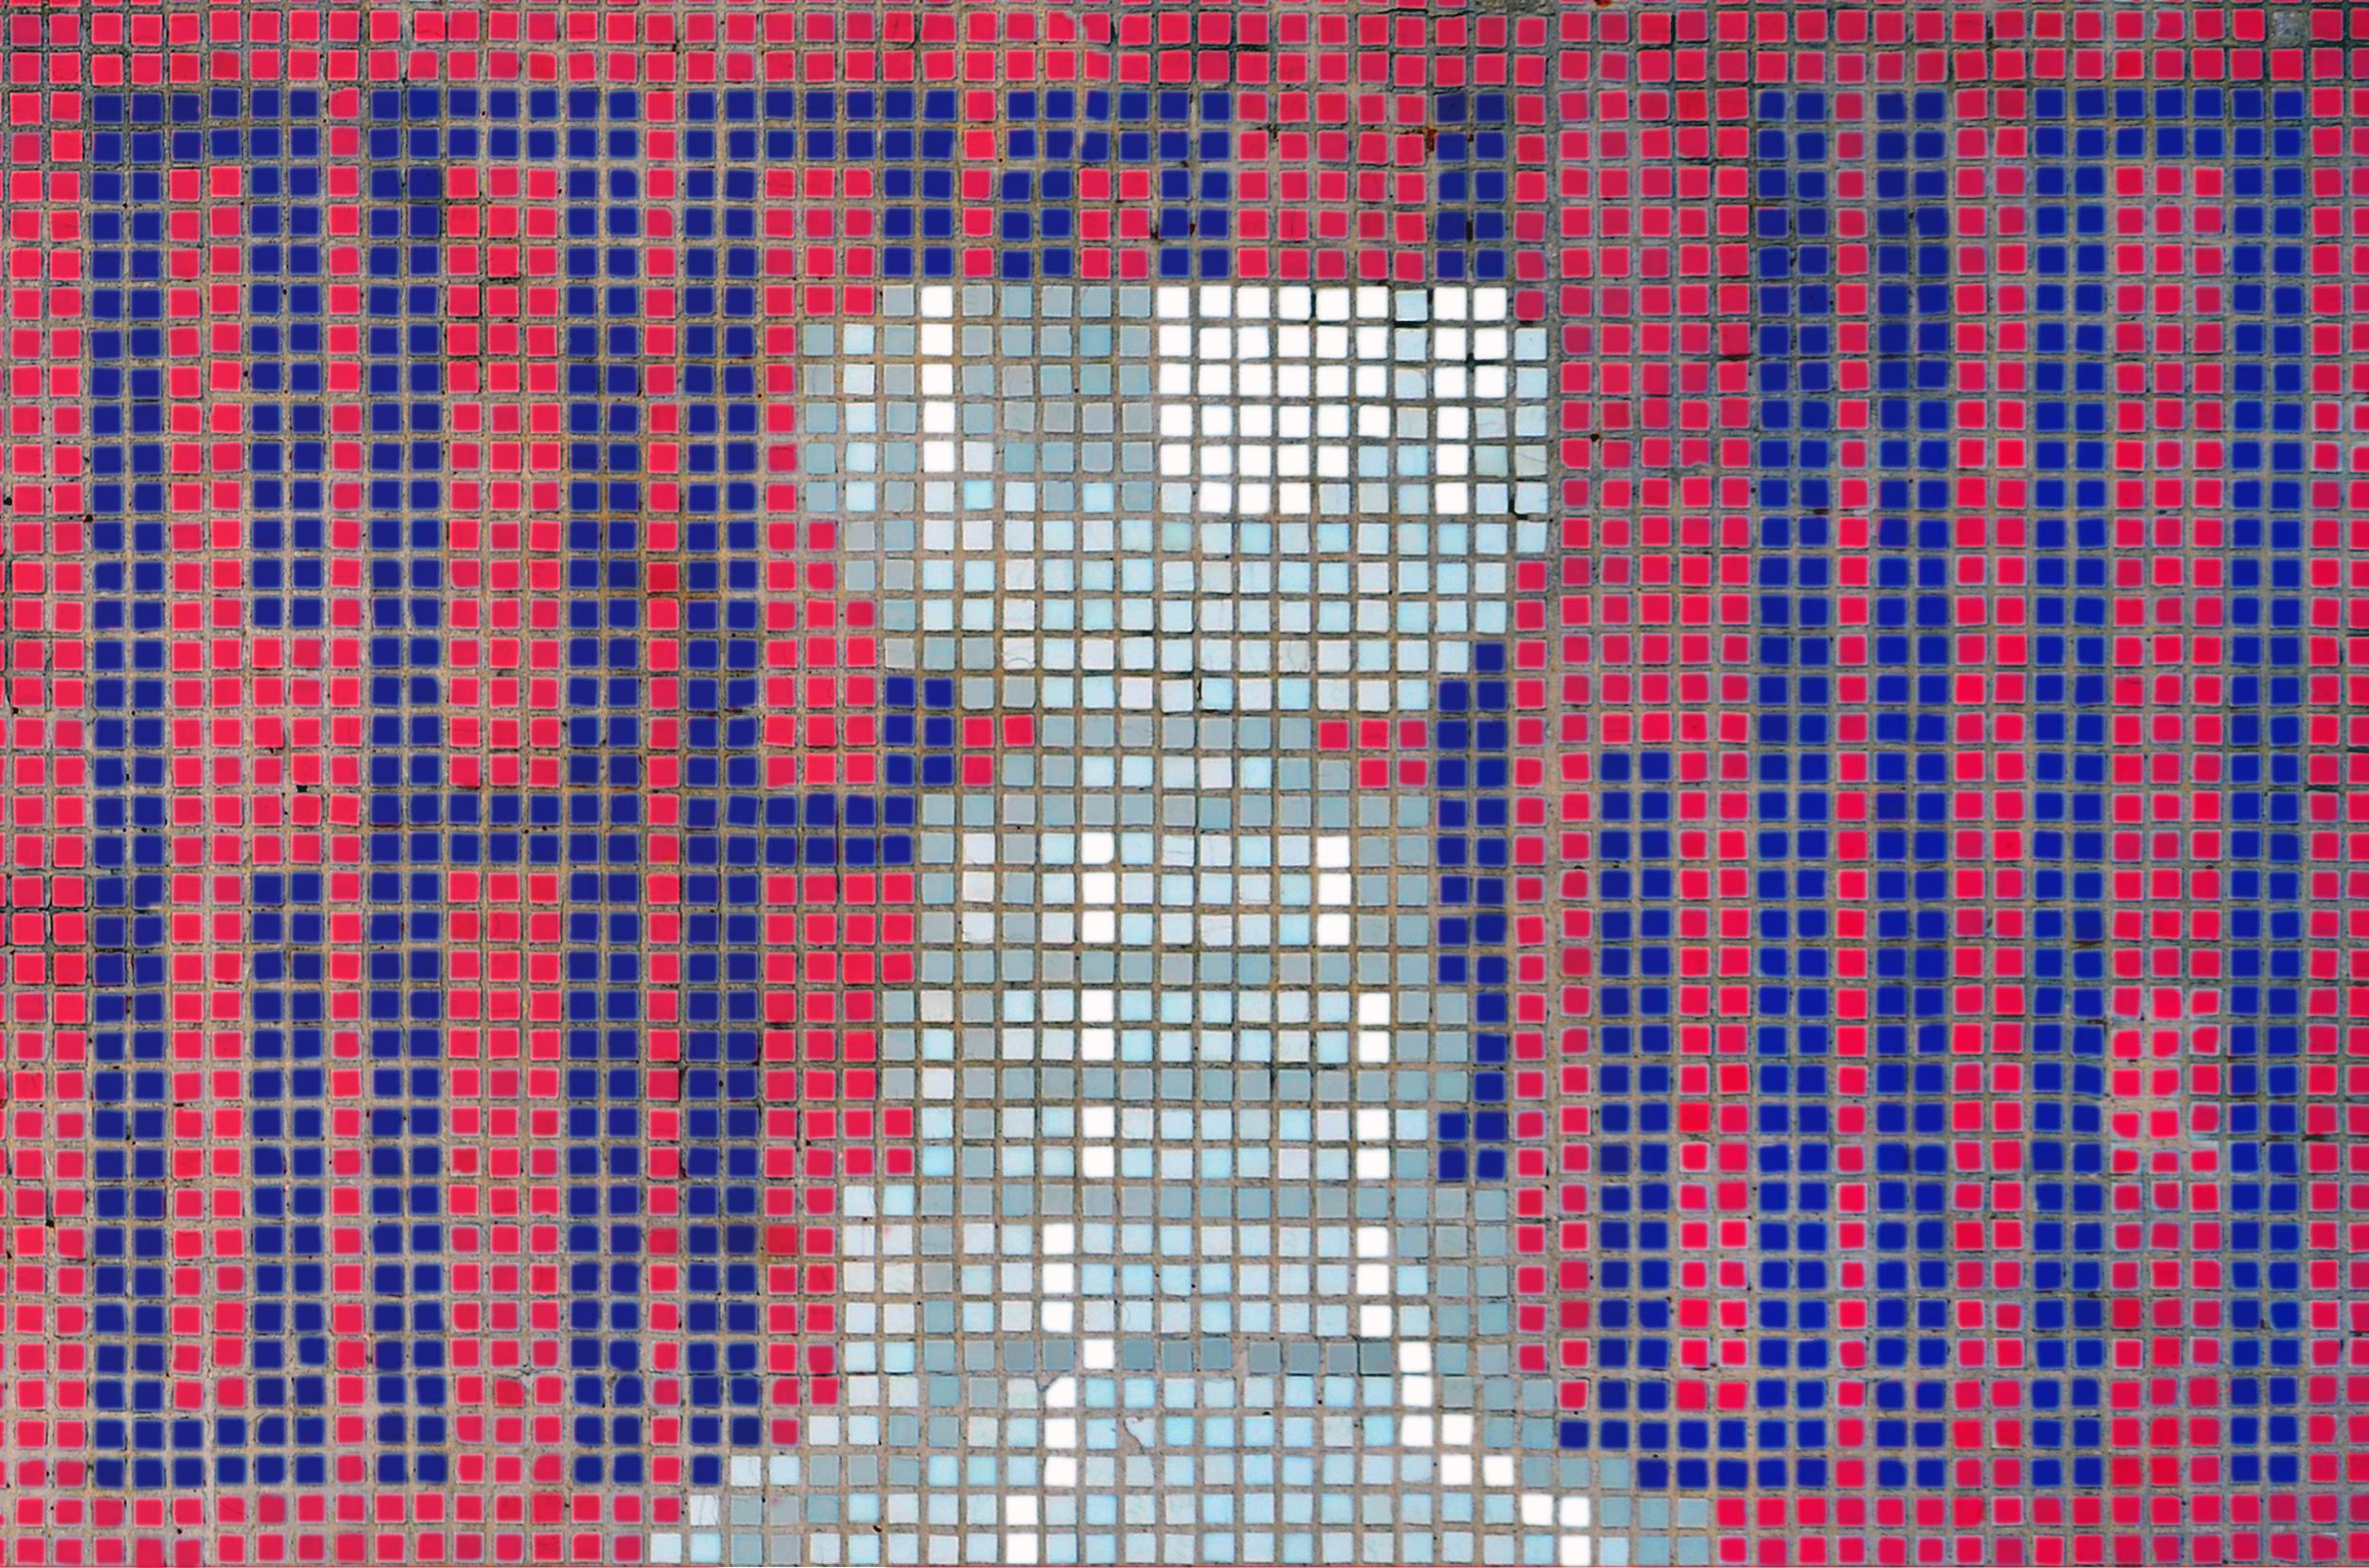 carpe-mosaic-13.png